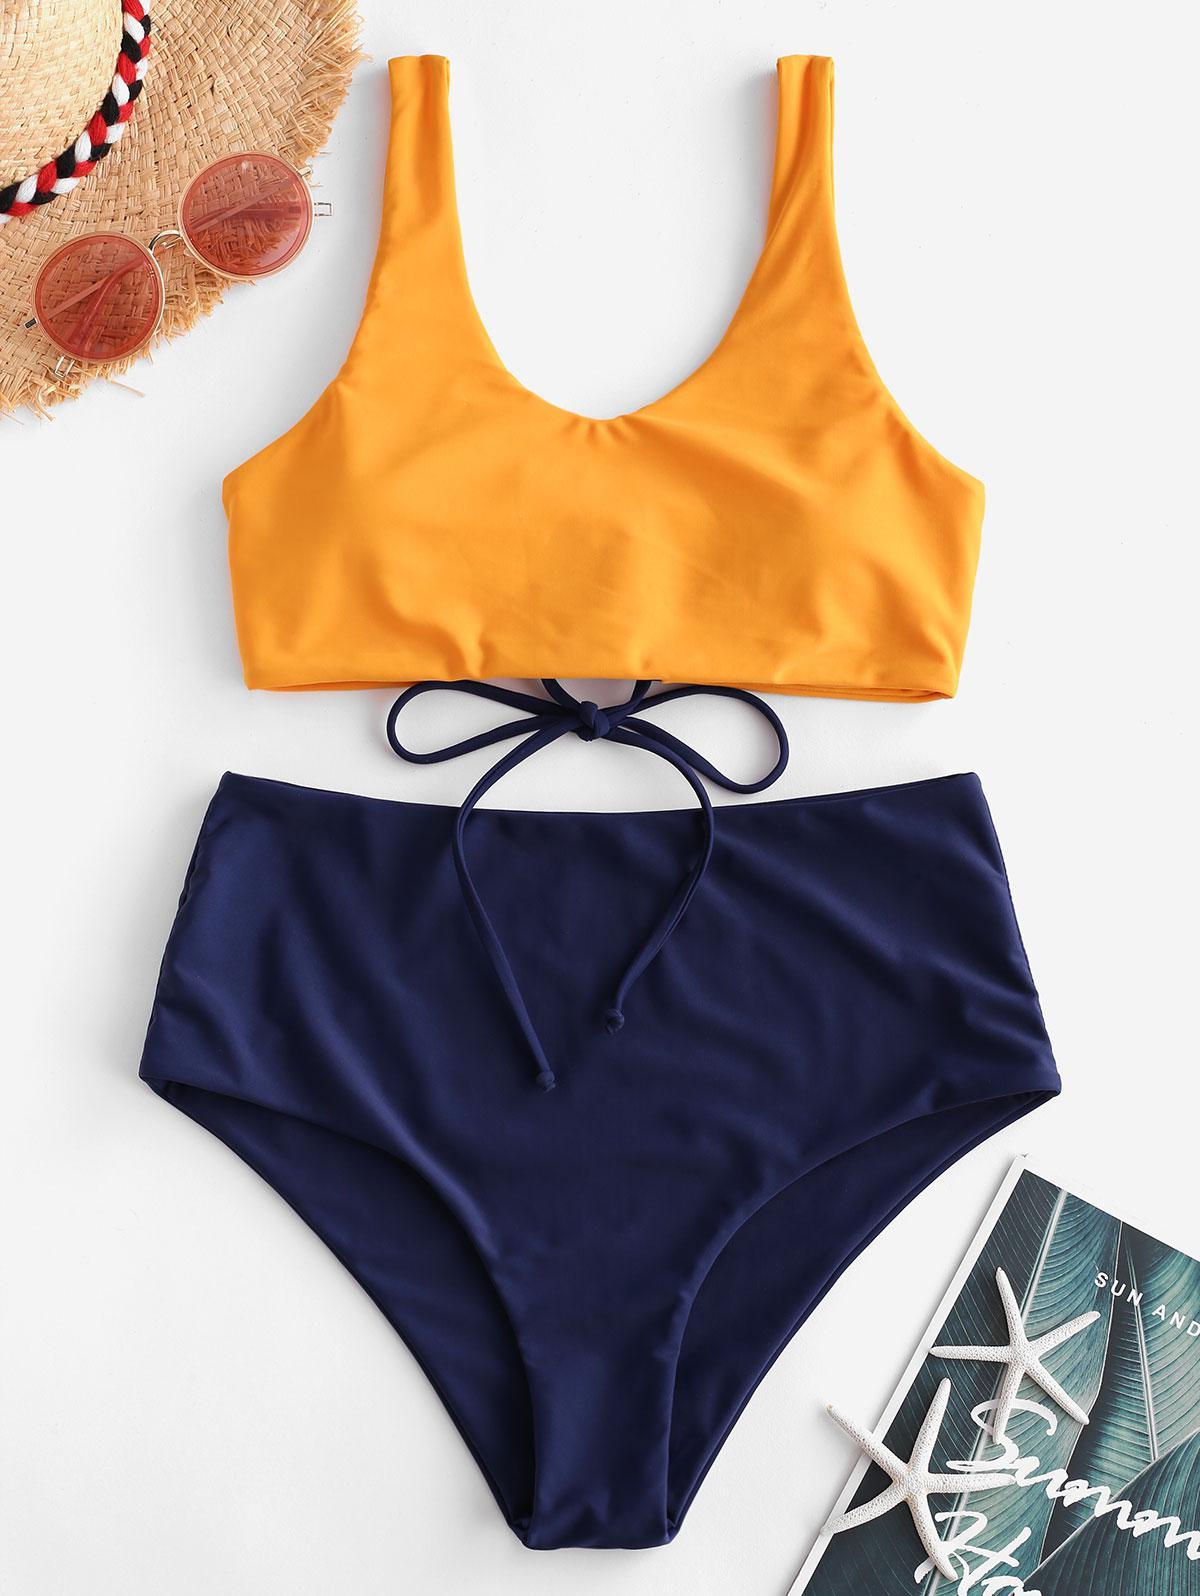 ZAFUL Lace-up Mix and Match Tank Bikini Swimsuit, Lapis blue